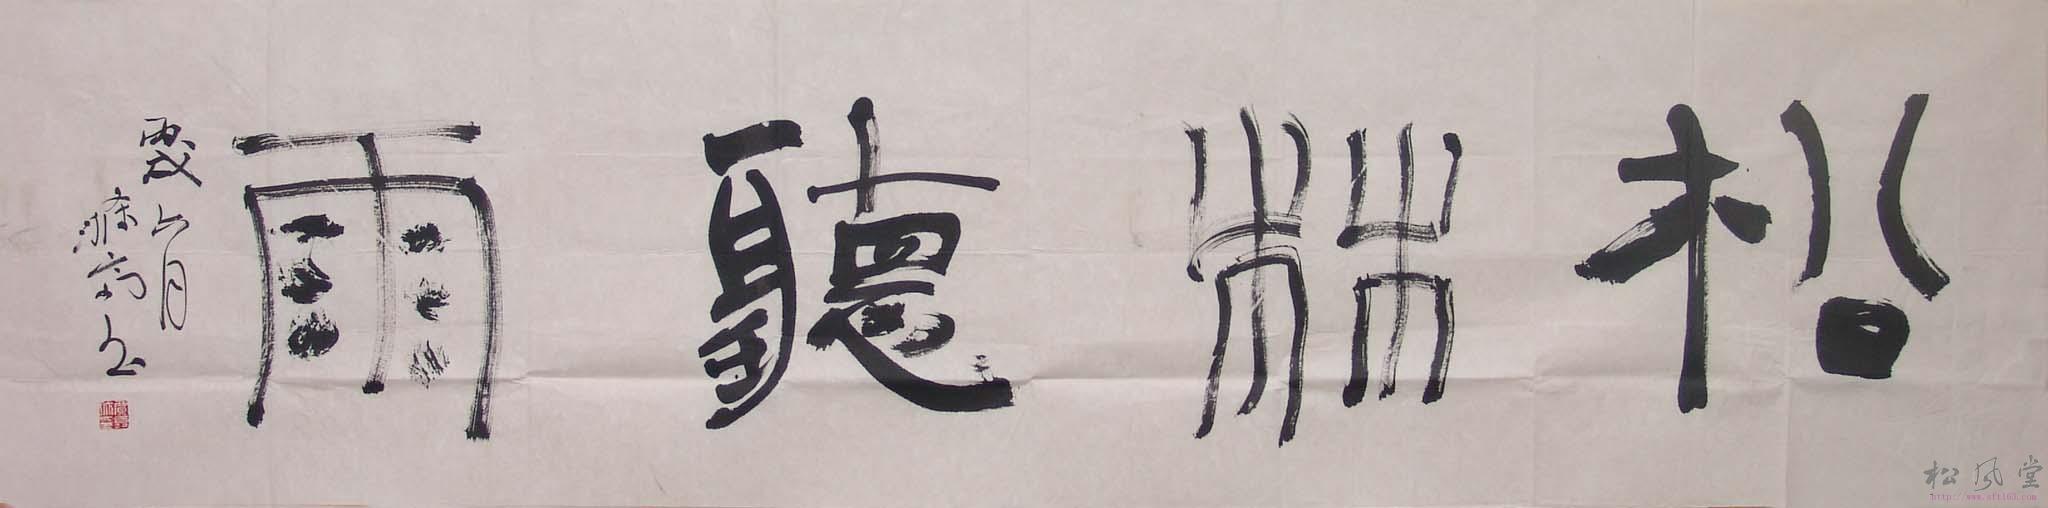 贾长城题字